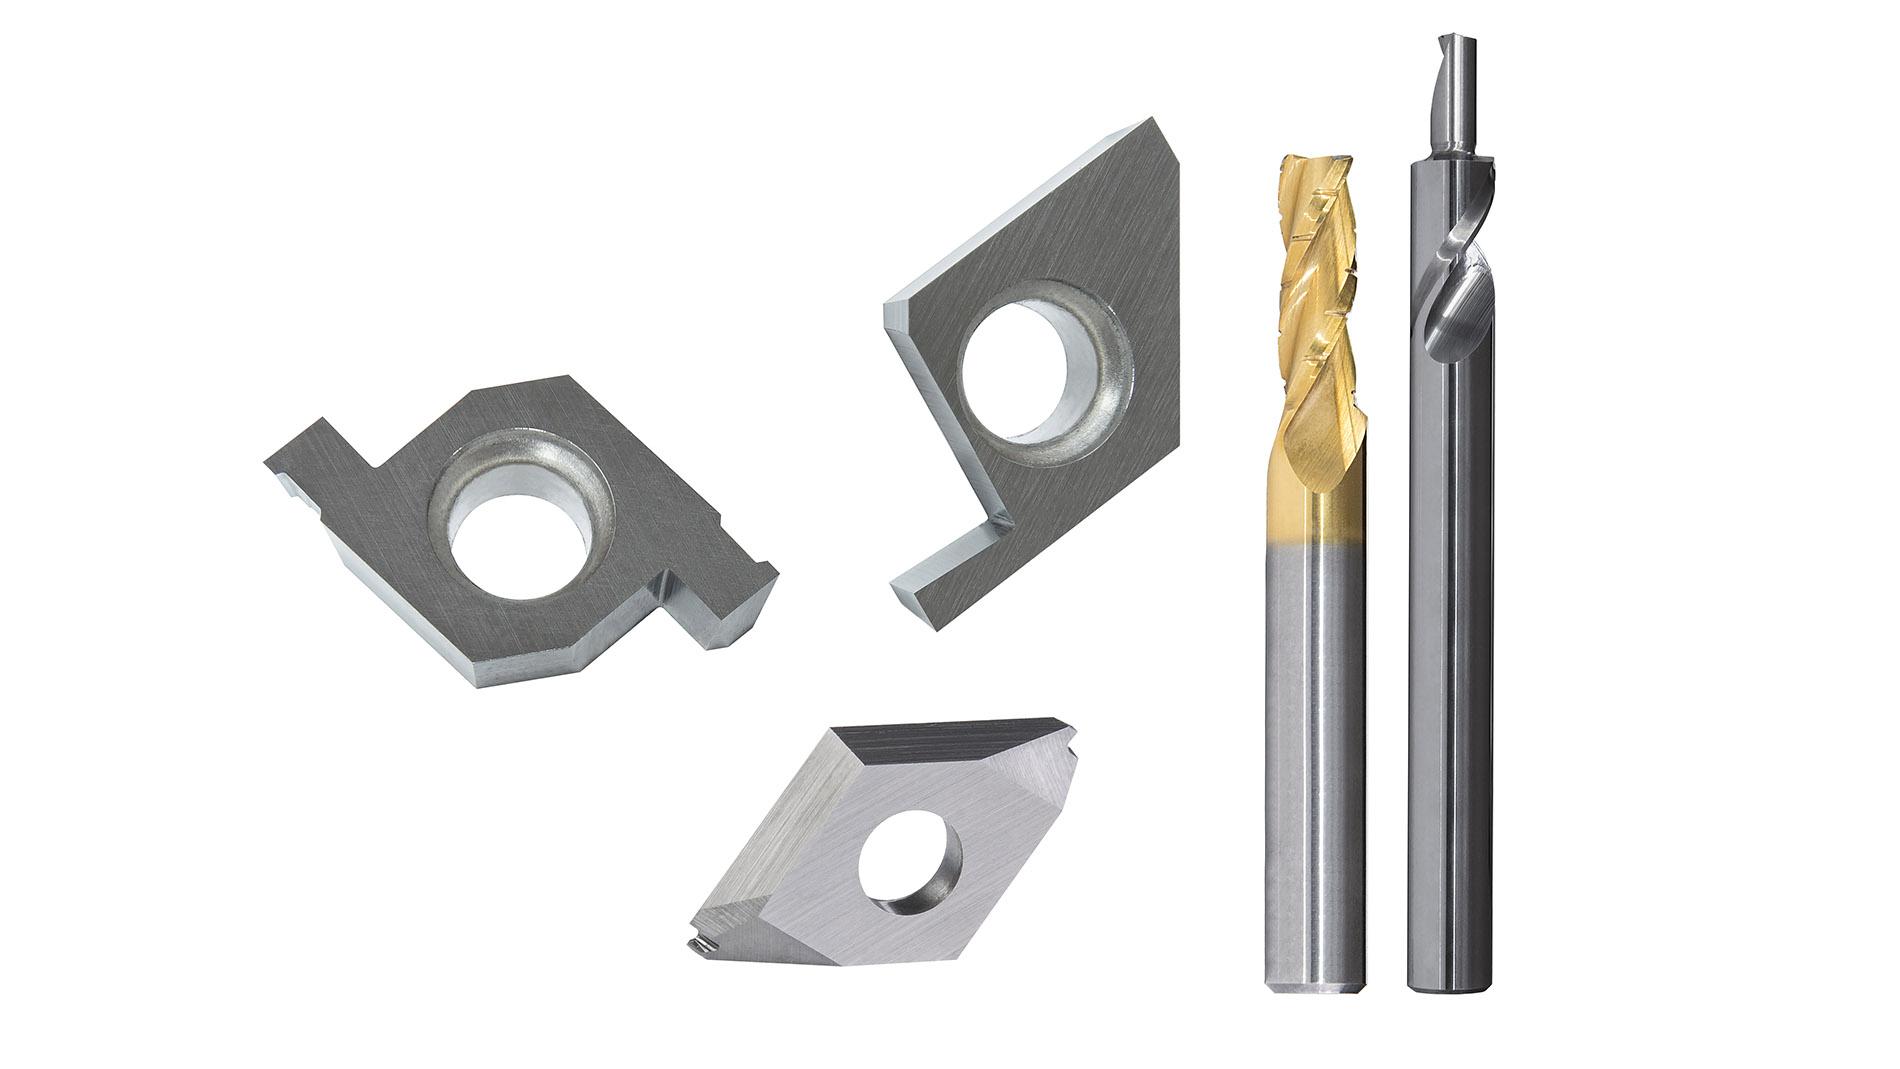 VEM Tools - Photographie de pièces - B12communication, communication et graphisme